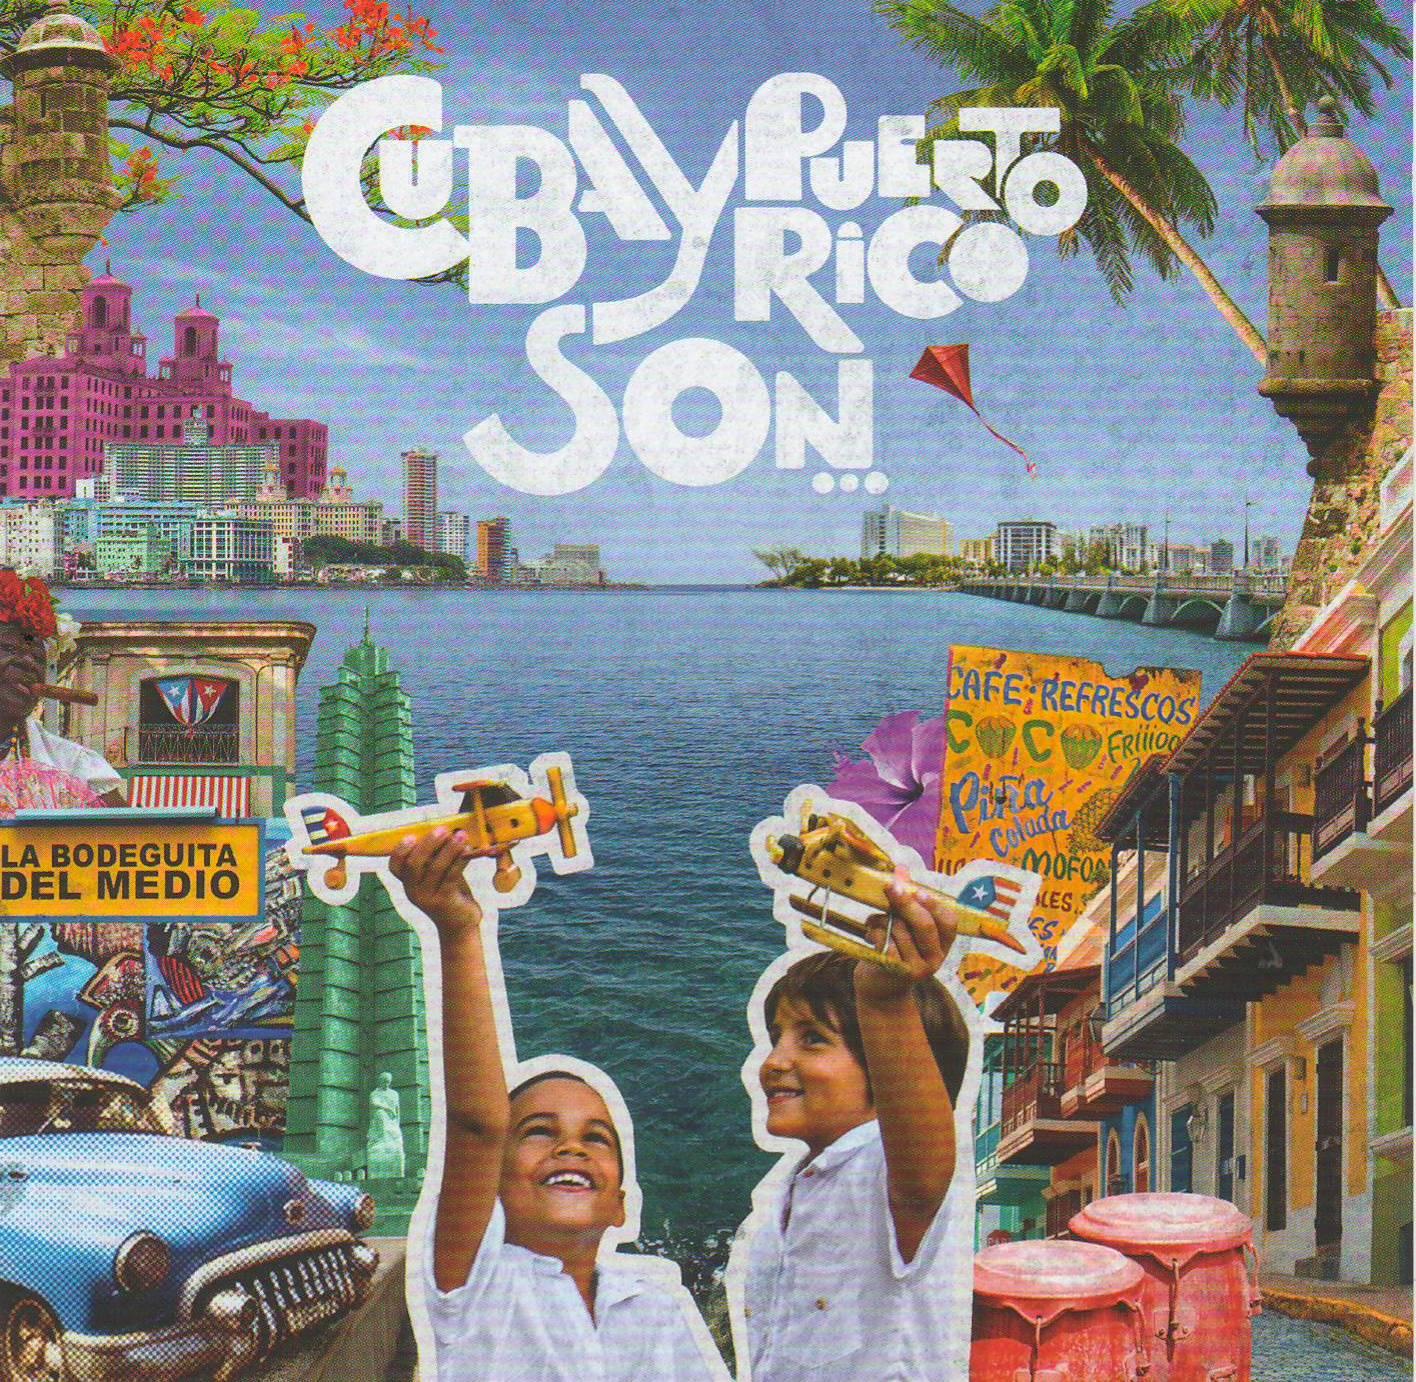 Cuba y Puerto Rico son - 2015